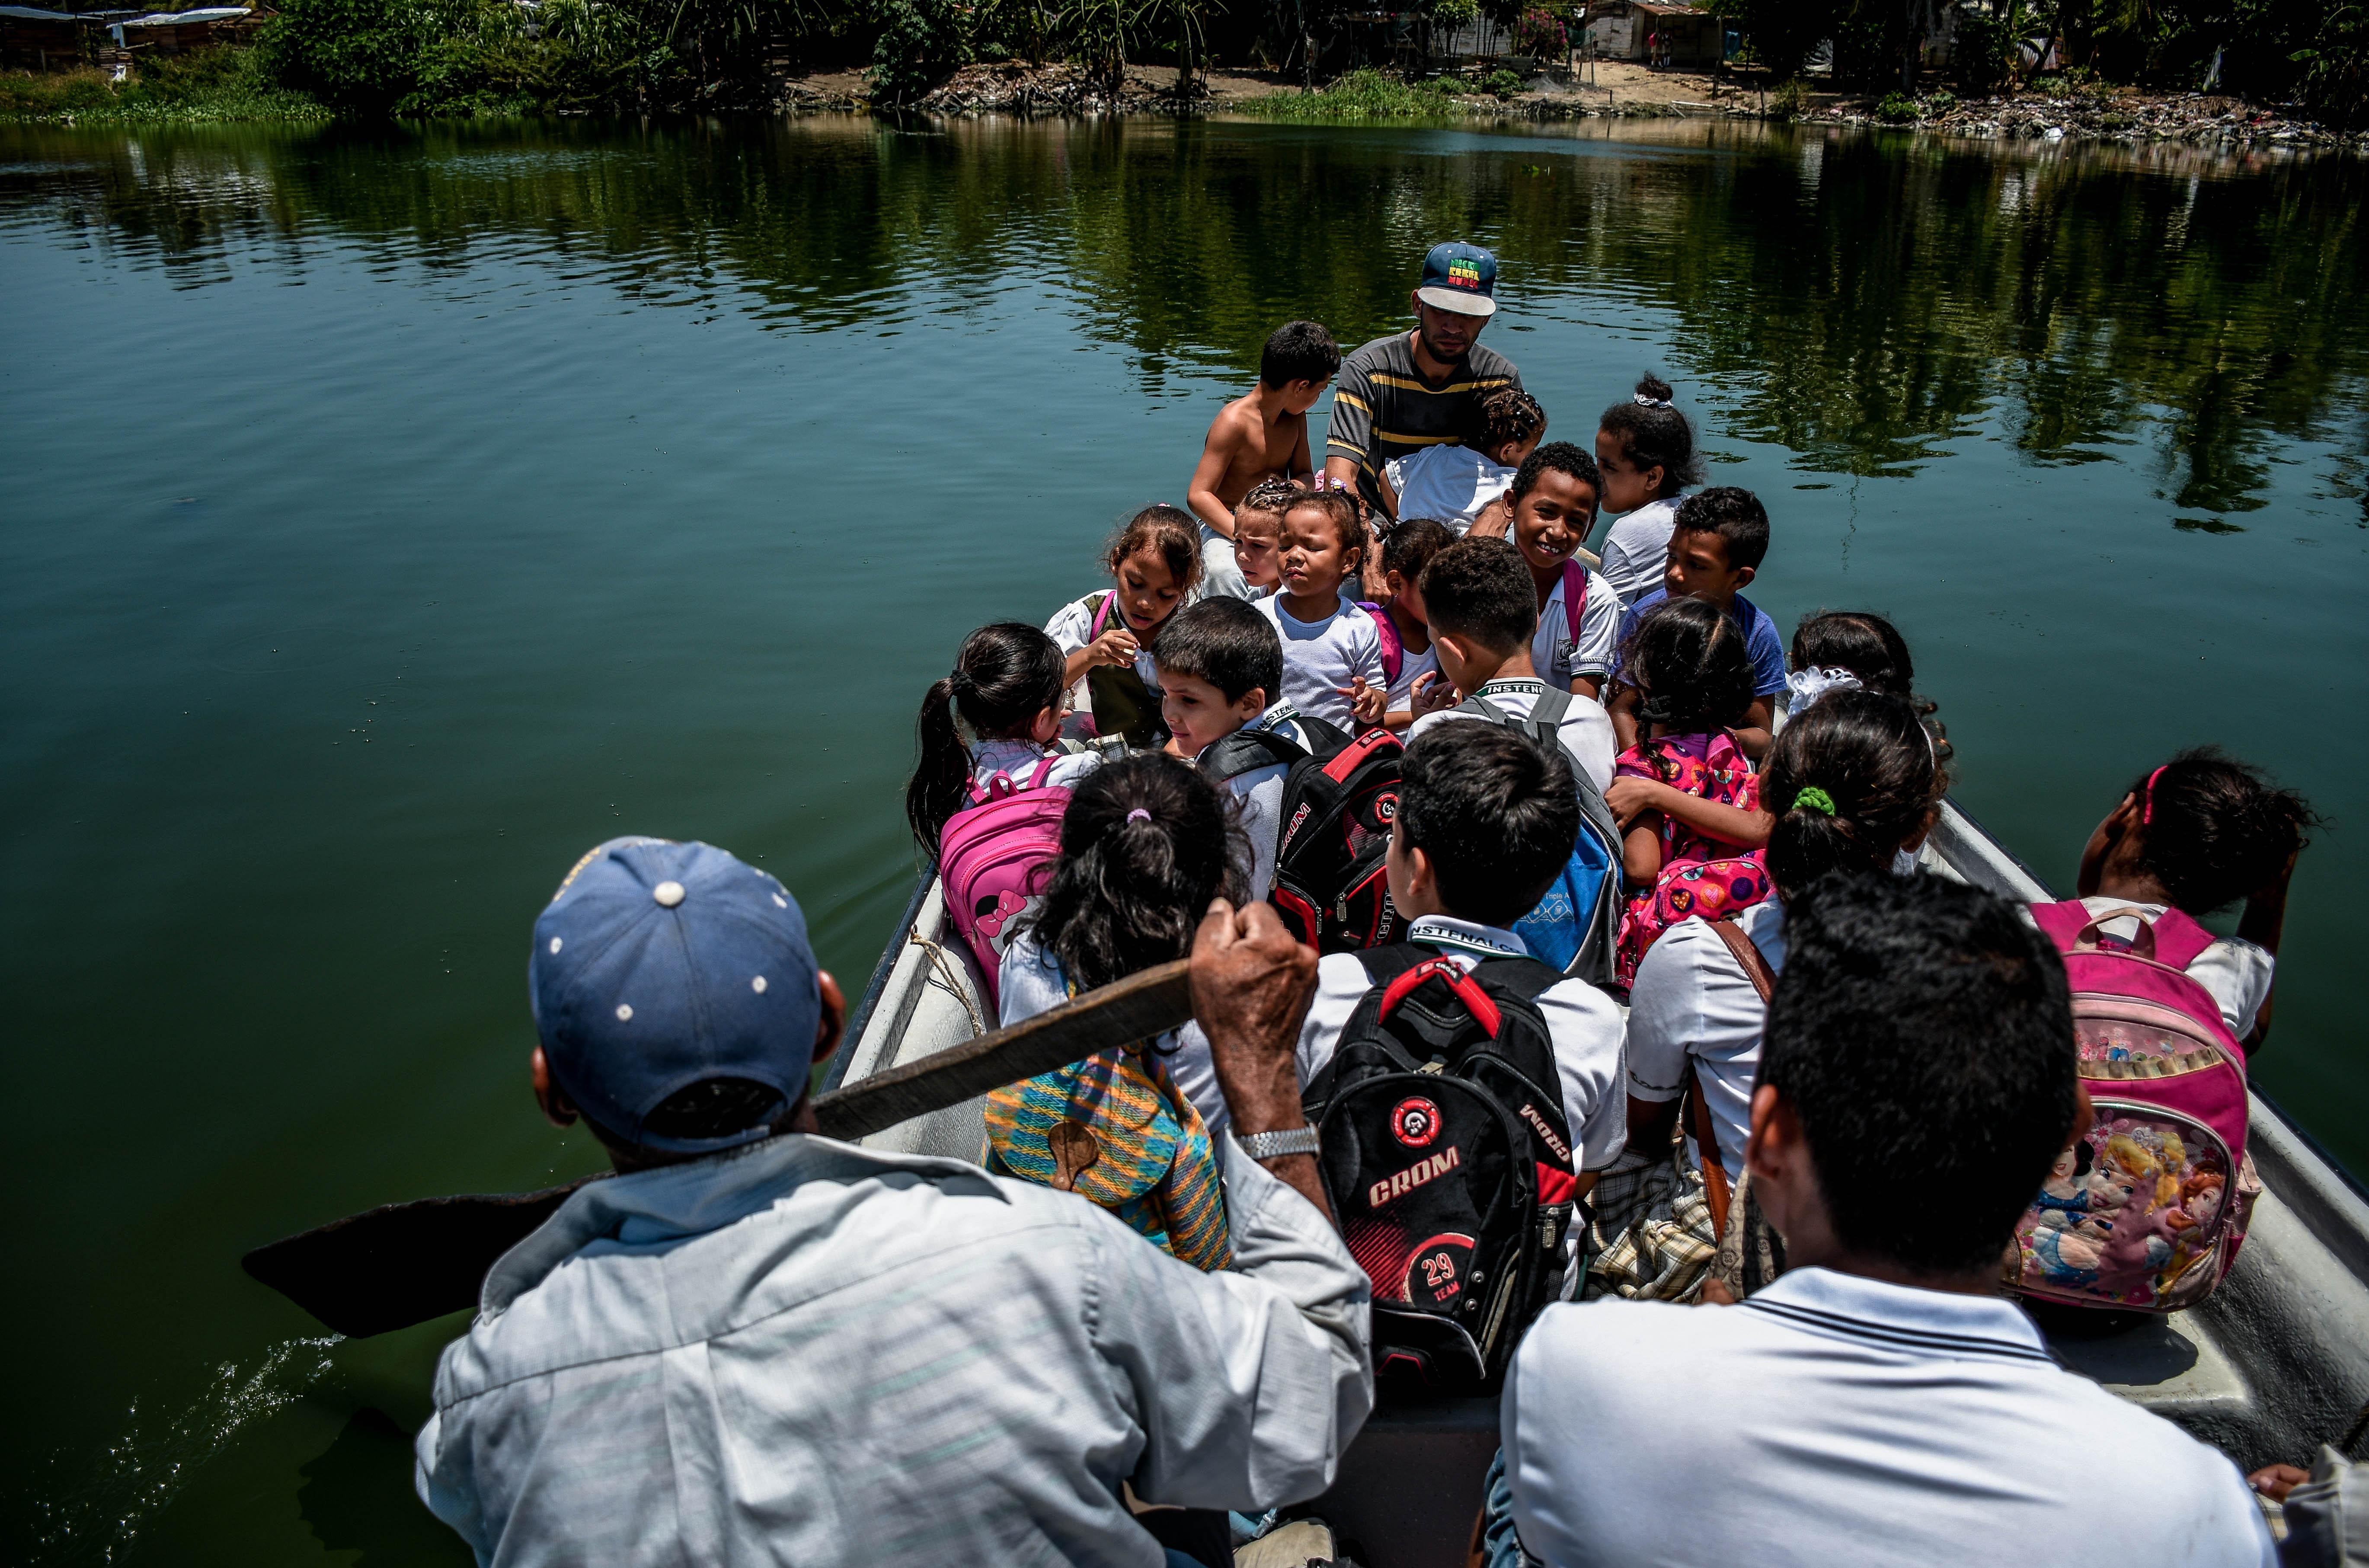 En la jornada diurna es cuando se transporta gran cantidad de alumnos, como se ve en esta imagen.